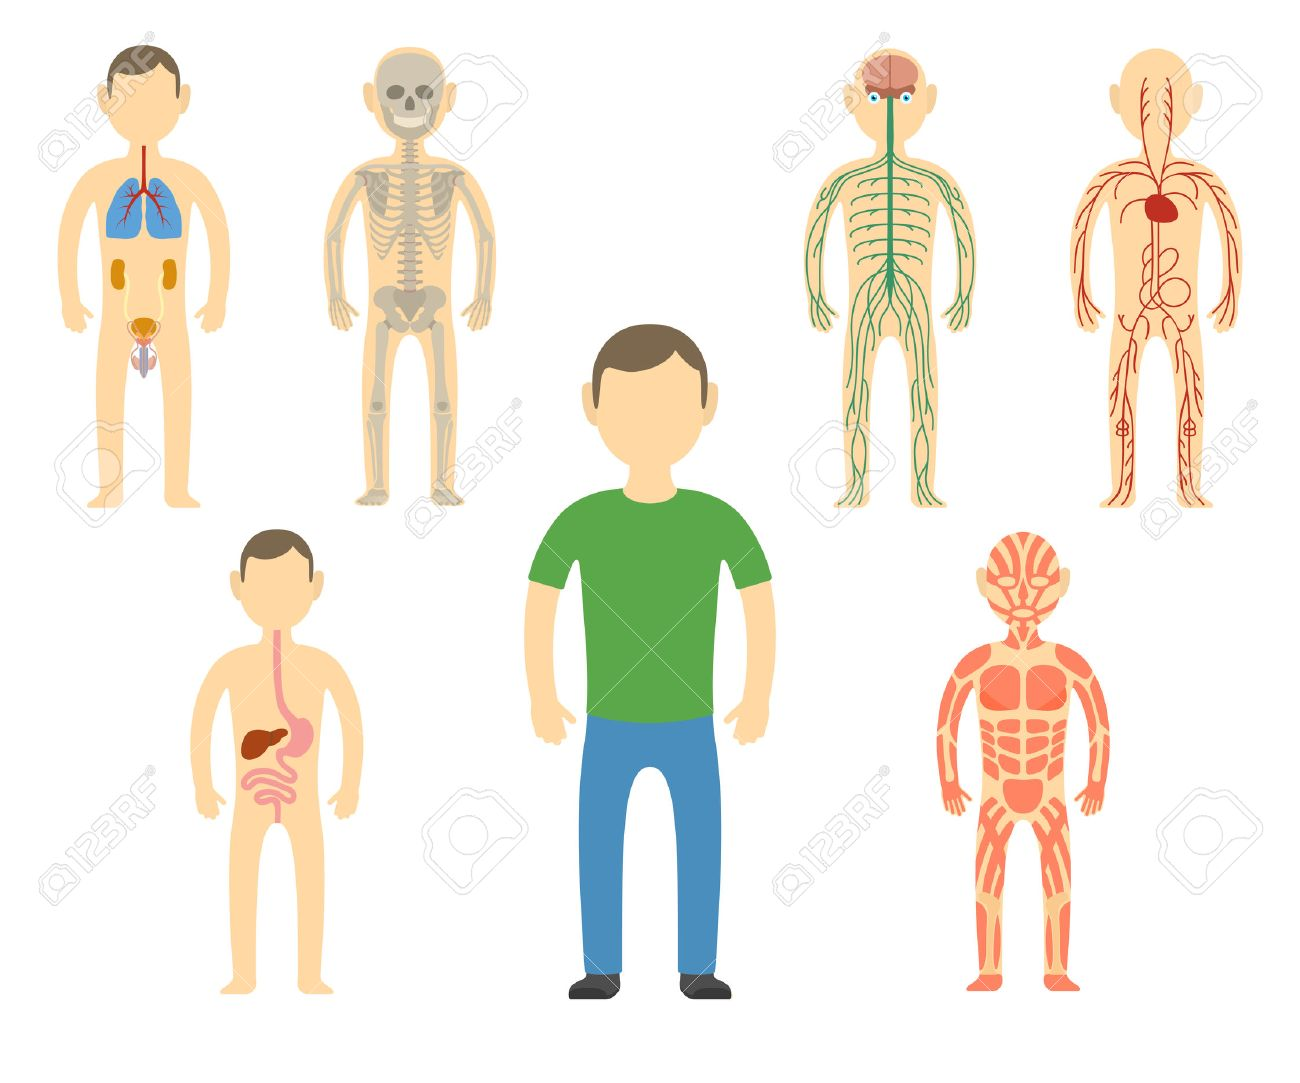 De Dibujos Animados Anatomía Del Cuerpo Humano. Todos Los Sistemas ...